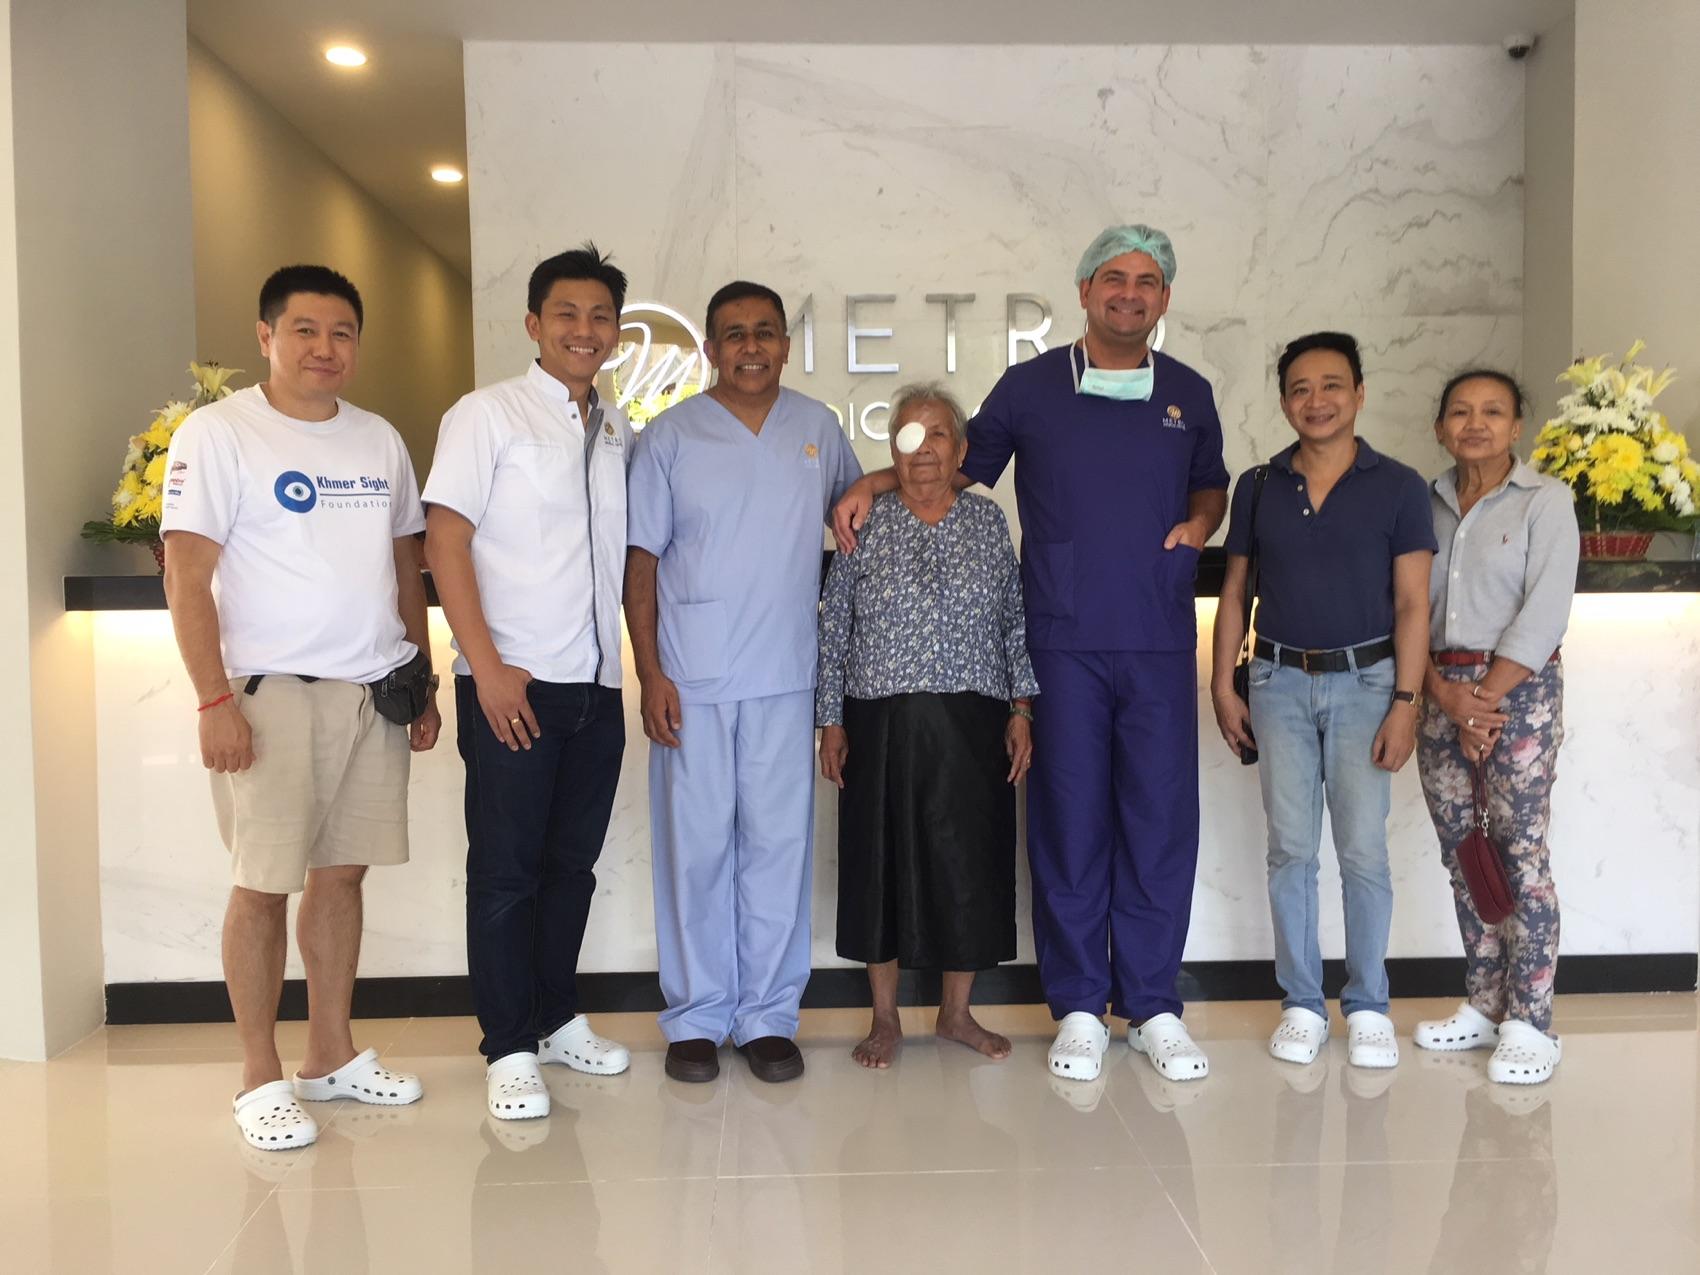 V.l.n.r.: Co-Founder der Khmer Sight Foundation, Sean Ngu, einer seiner Mitarbeiter, Prof. Sunil Shah, eine Patientin aus Phnom Penh, Dr. Detlev Breyer, Prinz HRH Tesso Sisowath und Prinzessin Sita Norodom von der Khmer Sight Foundation.